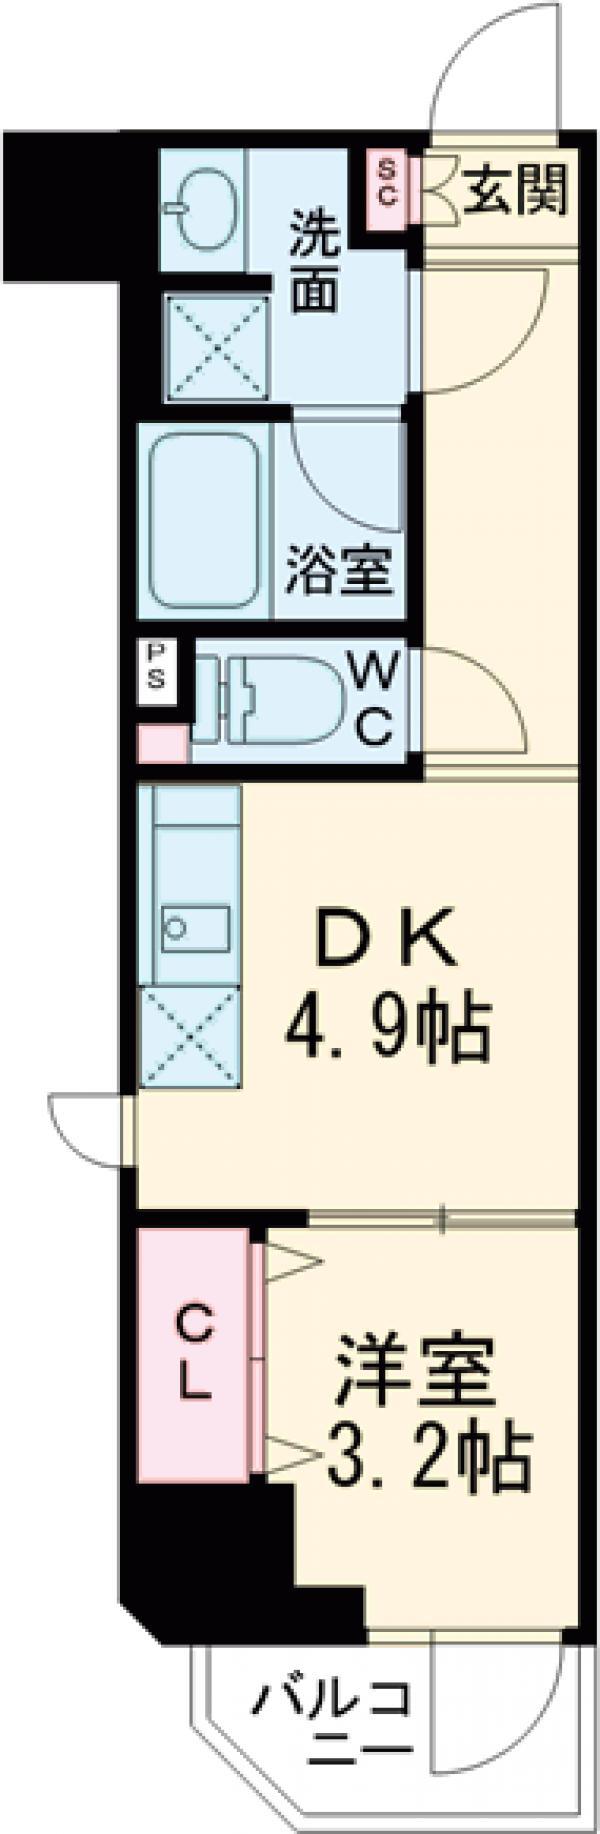 プレセダンヒルズ文京本駒込 701号室の間取り